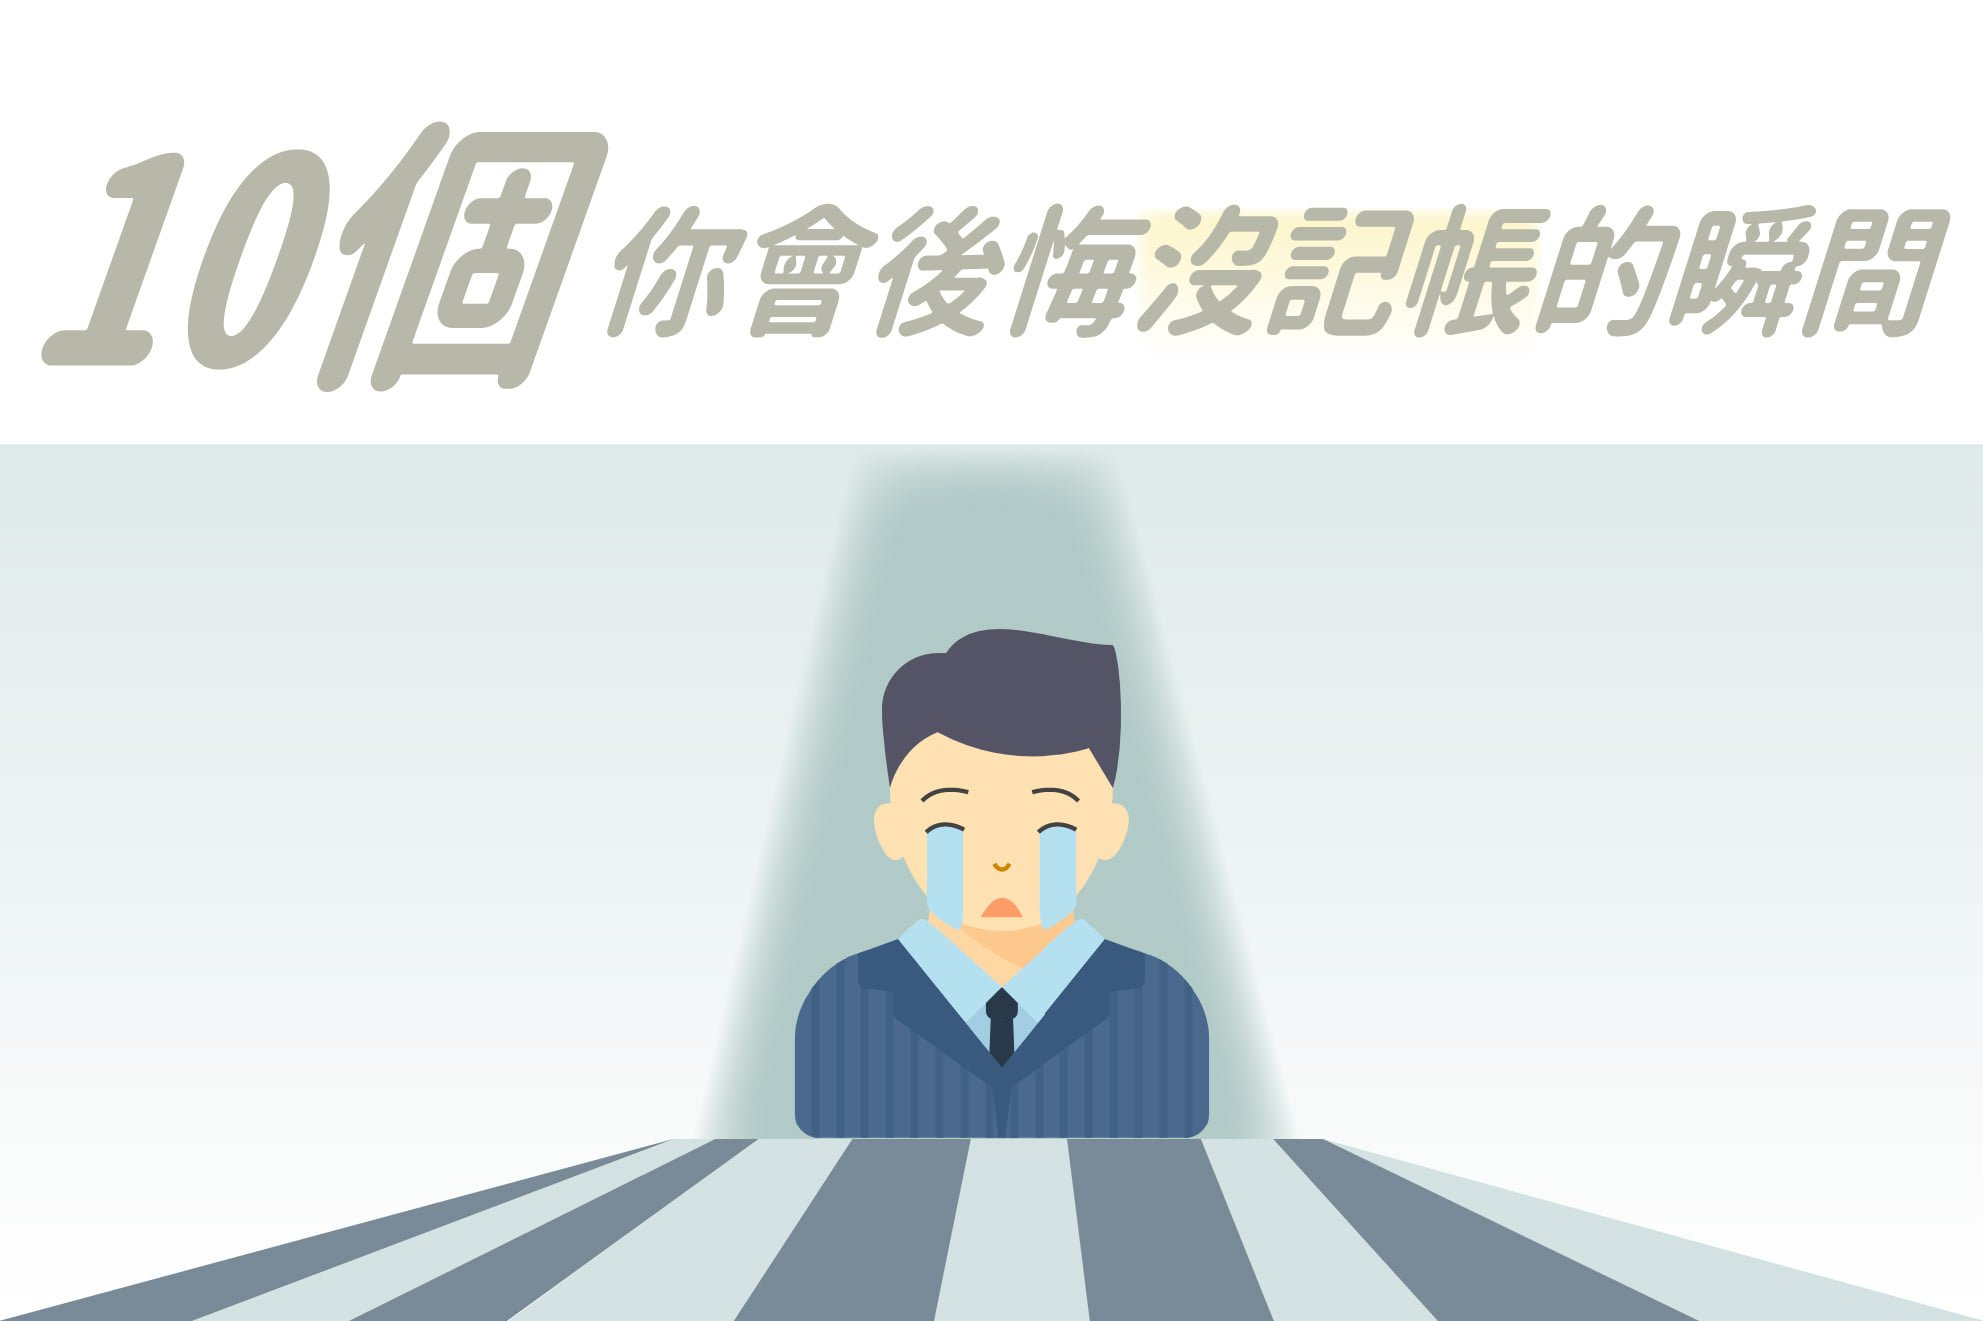 記帳軟體 會計帳 如何記帳 excel記帳 公司帳 公司記帳